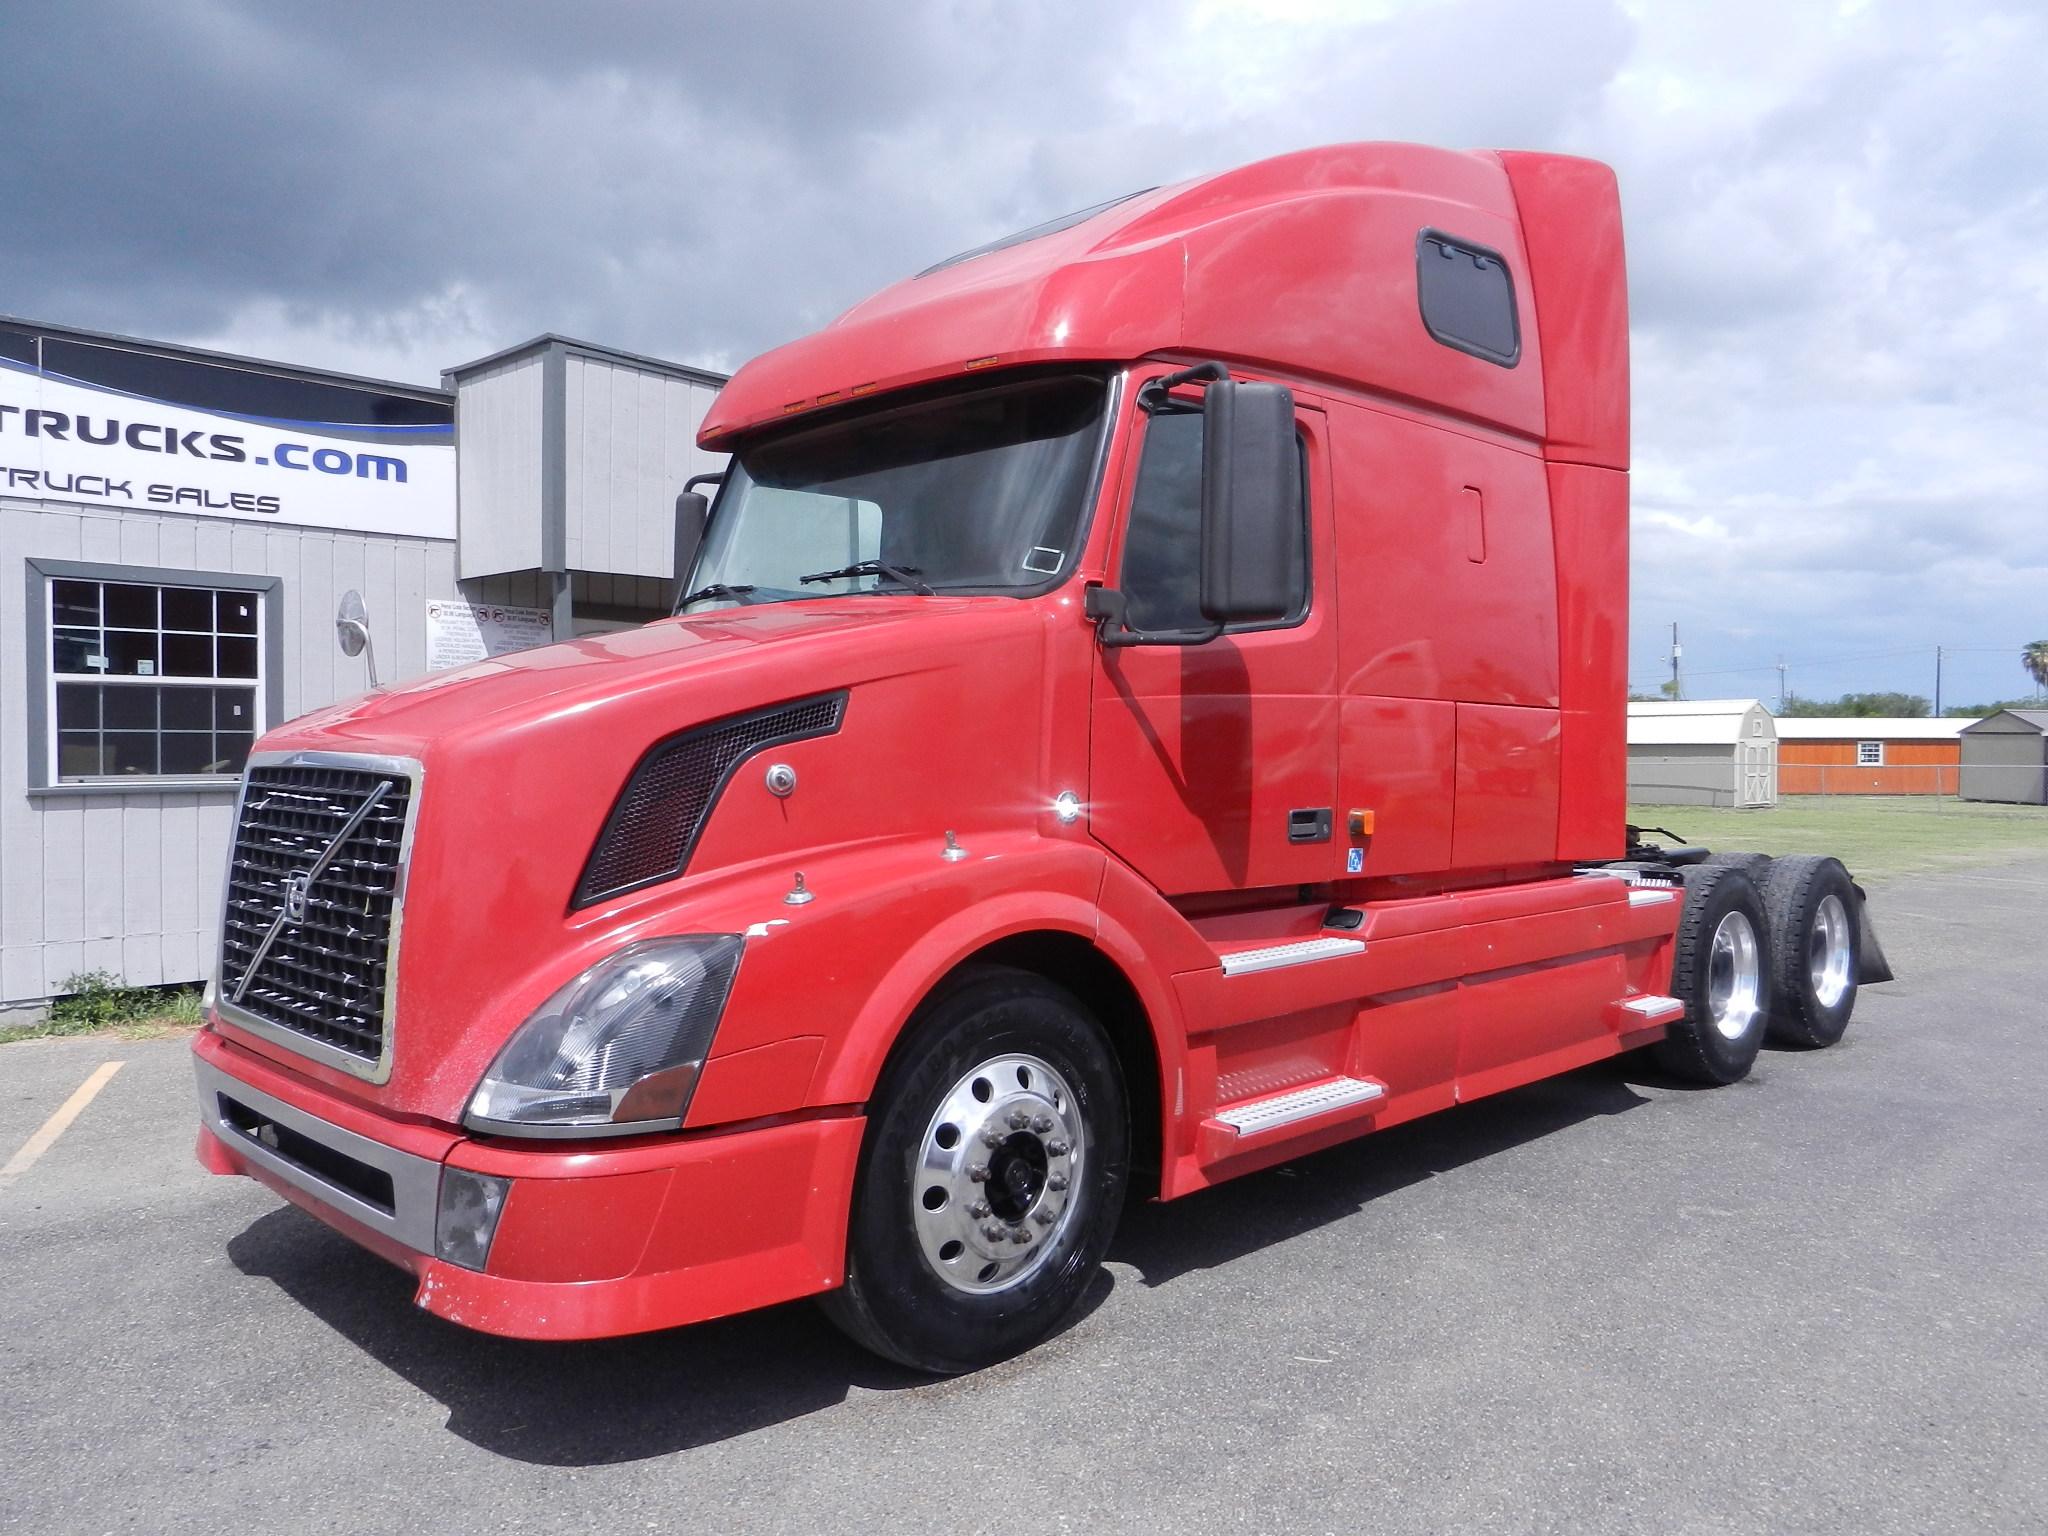 drive for truck vnx news volvo the trucks new sale hor heavy hauler test